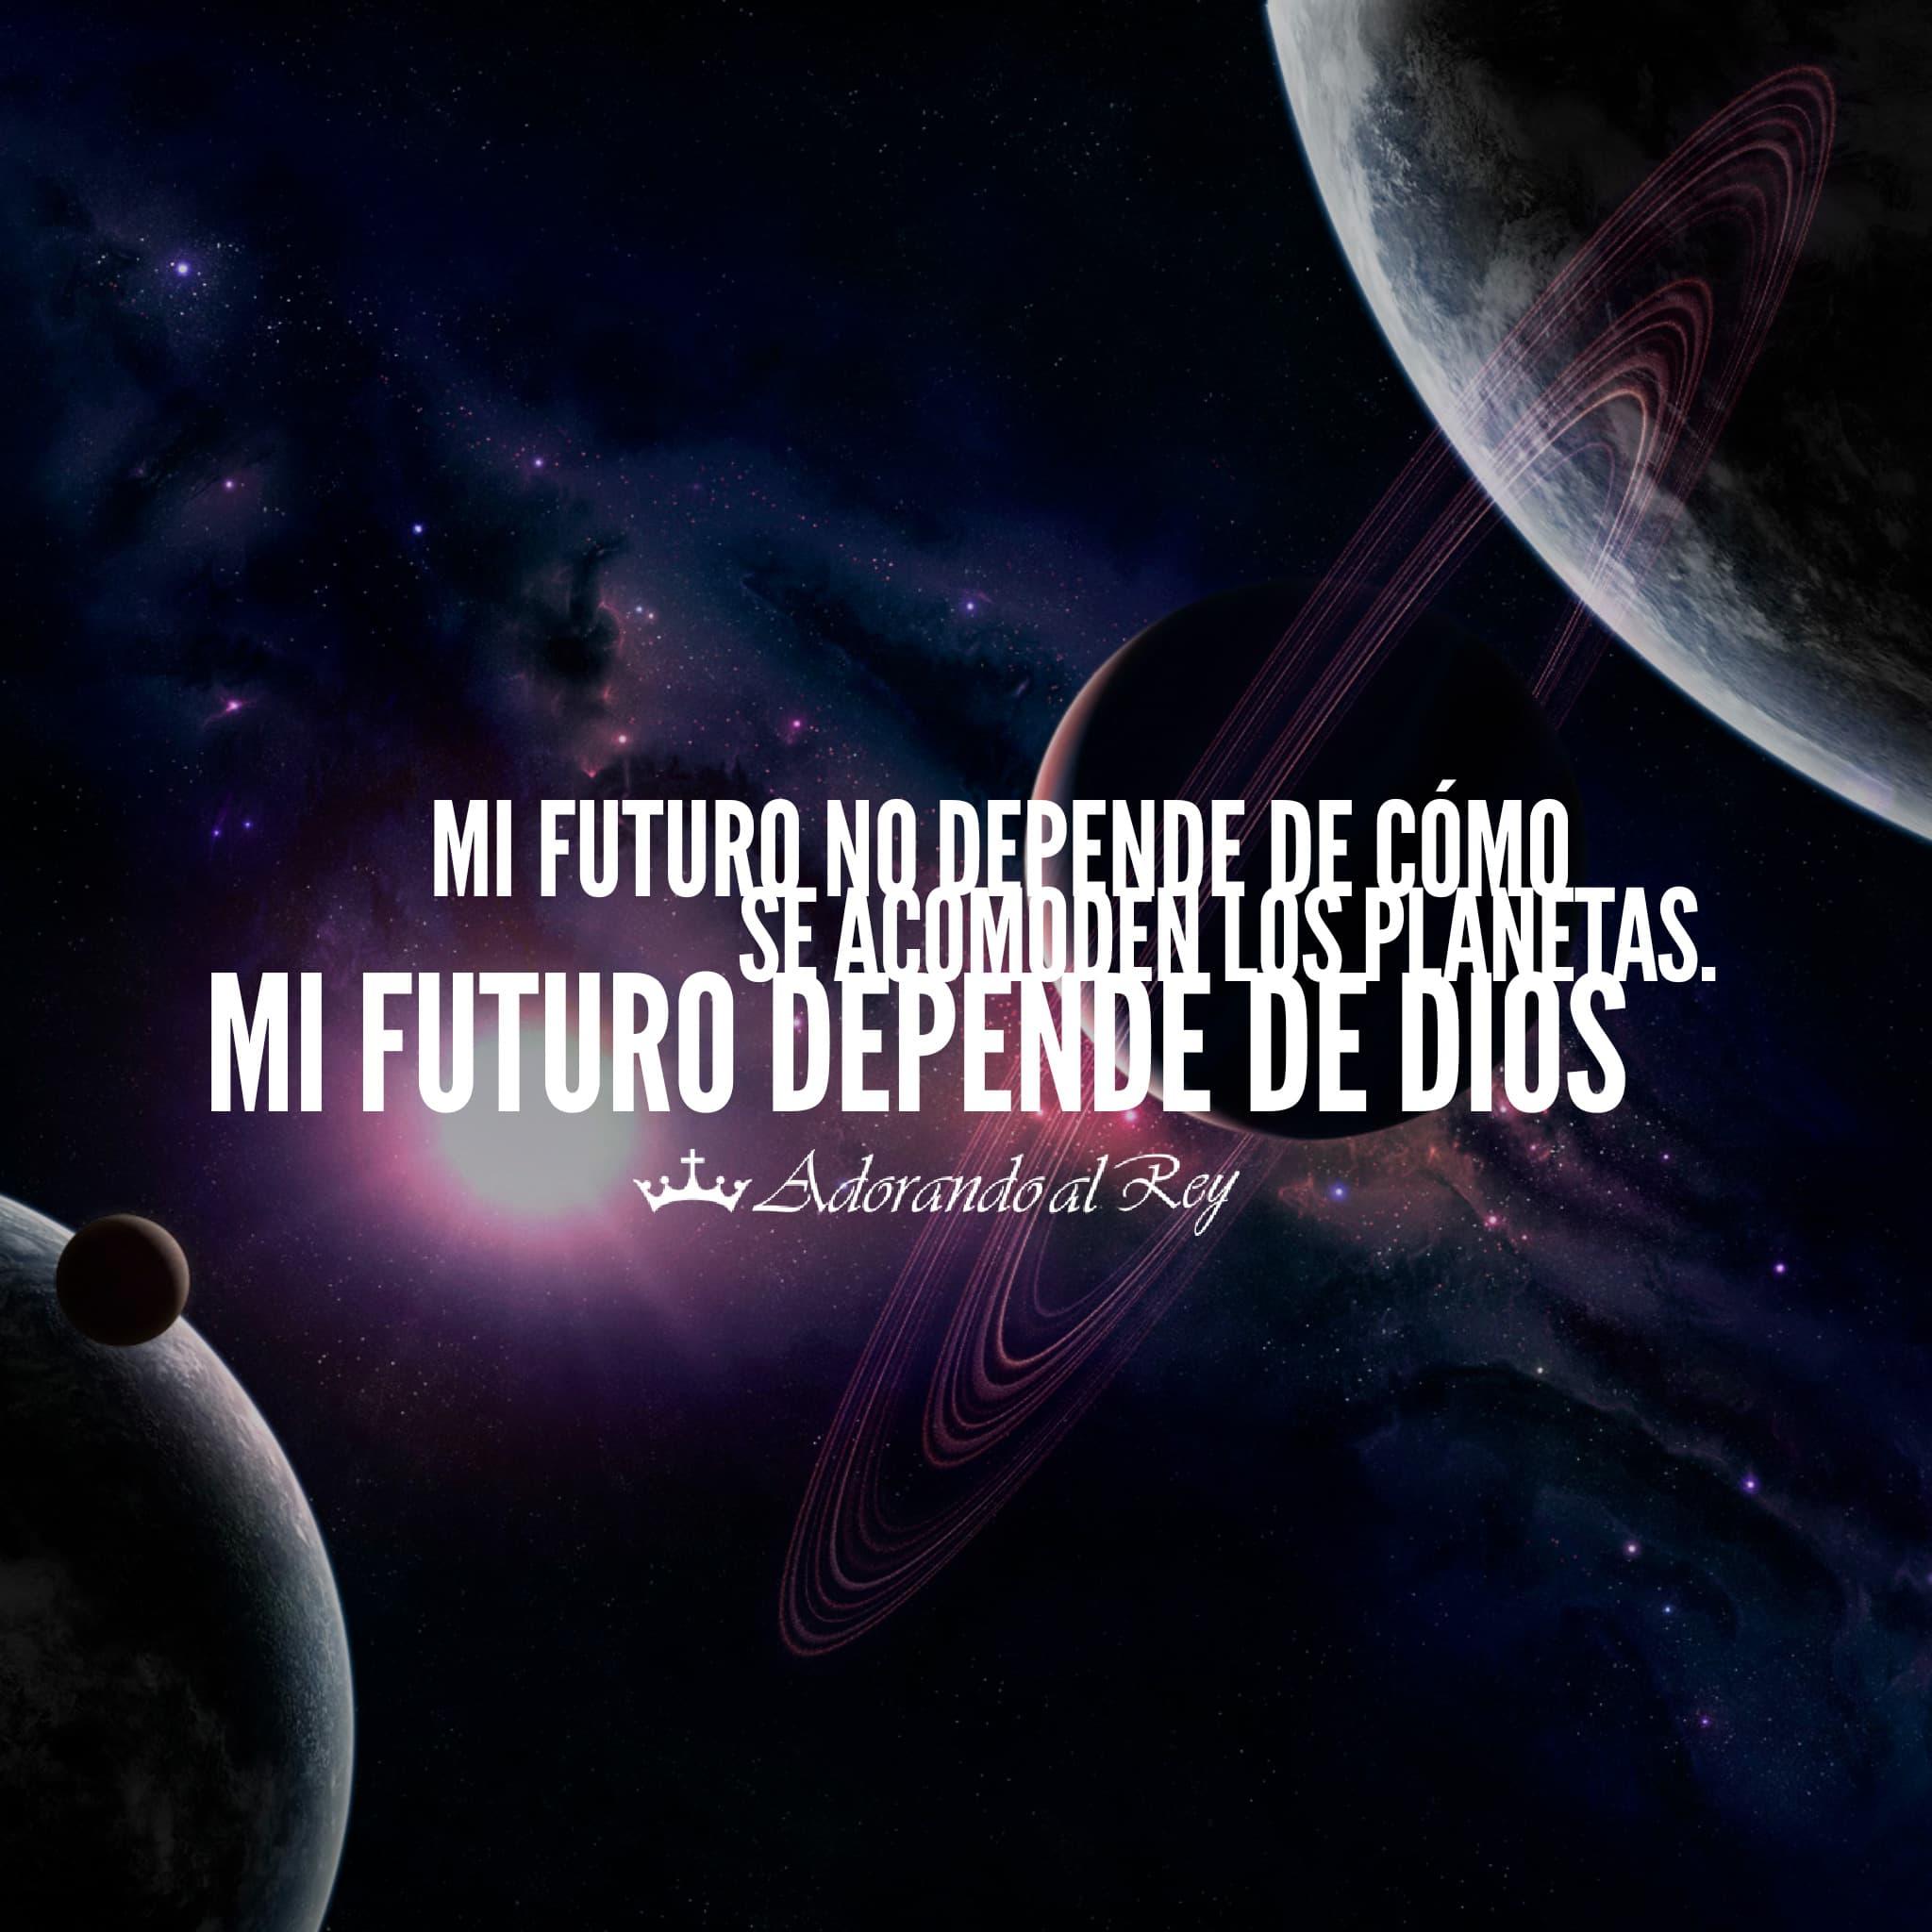 Mi futuro depende de Dios